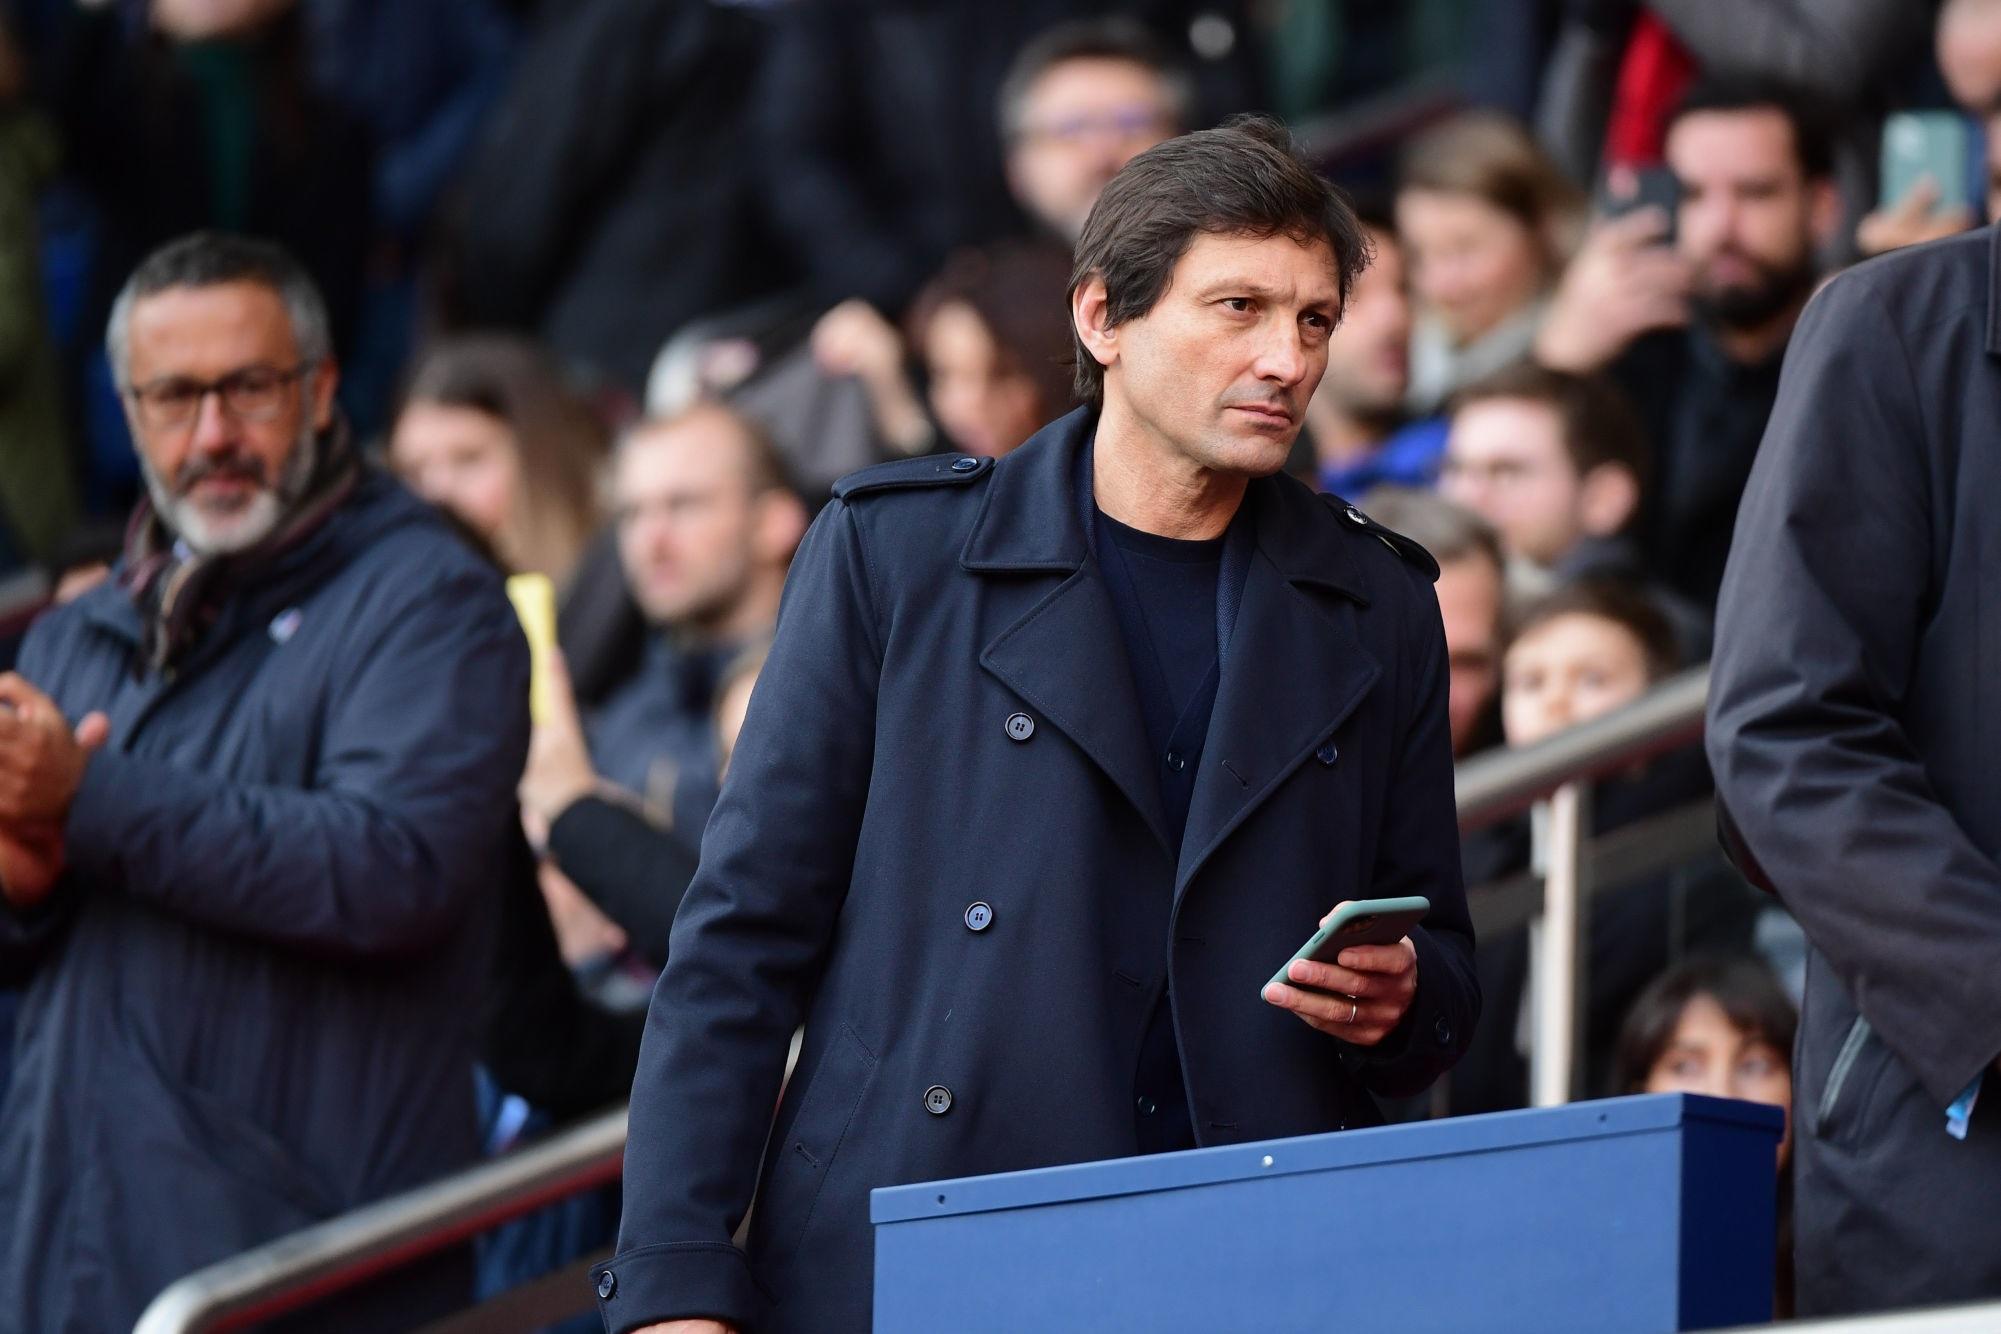 Leonardo a parlé aux joueurs après la défaite contre l'OM et appelé à l'union, selon RMC Sport